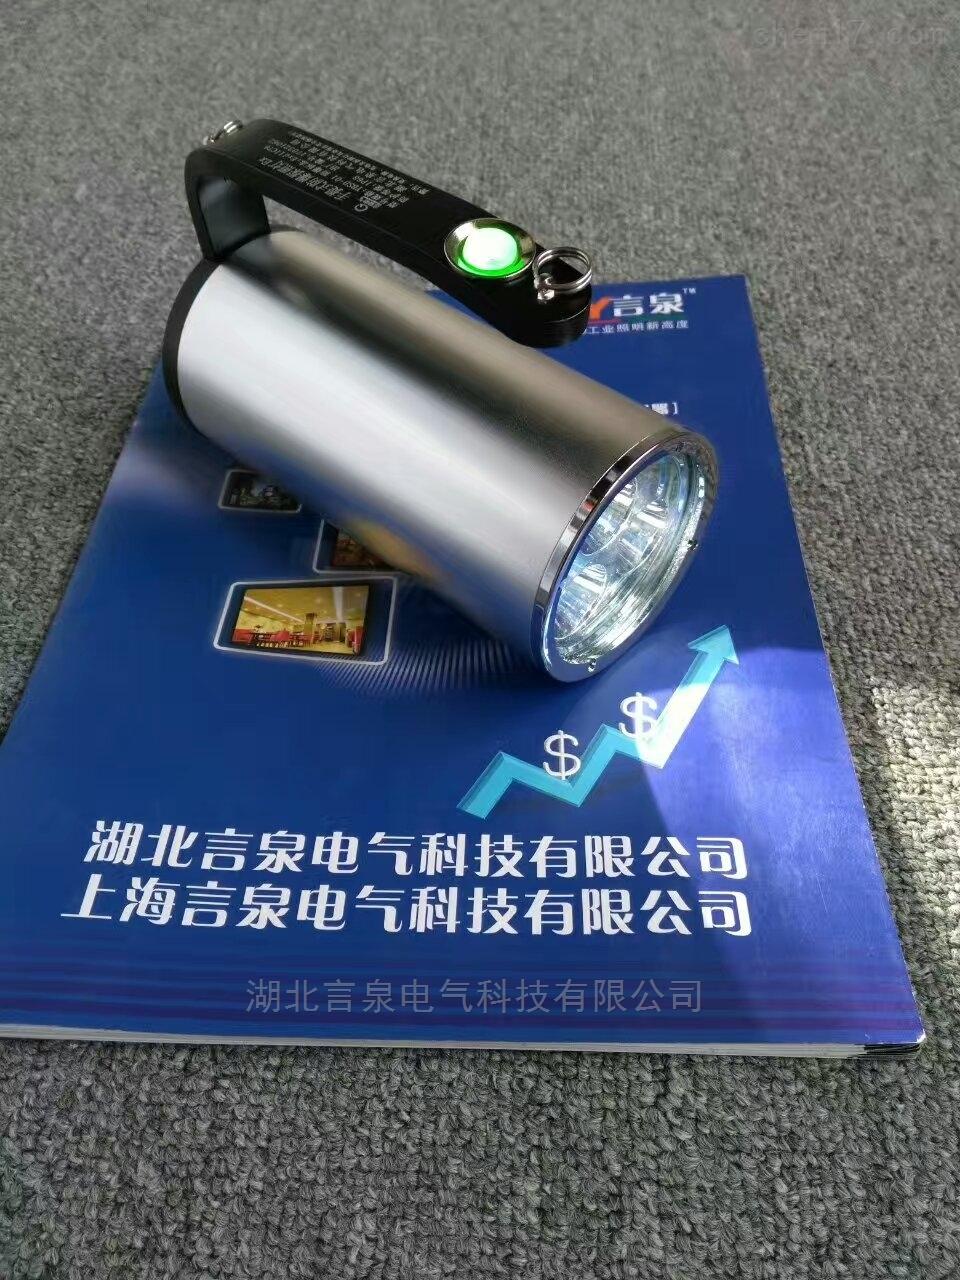 雨天防水QCFB670手提巡检移动充电灯厂家